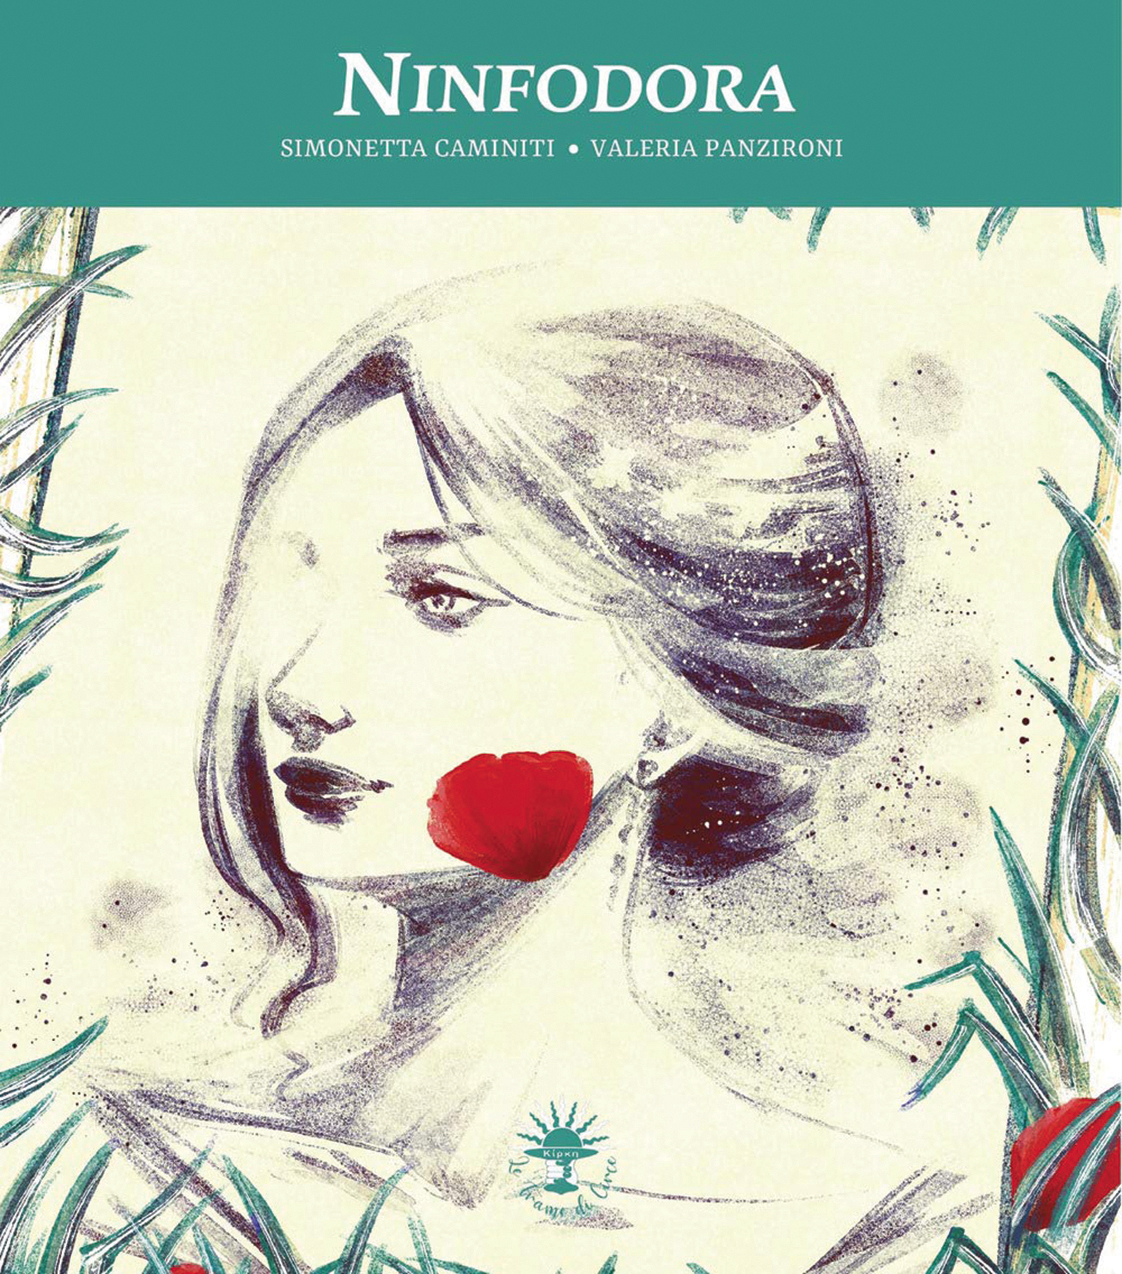 NINFODORA, Novella illustrata di Simonetta Caminiti e Valeria Panzironi (Le Trame di Circe Edizioni)